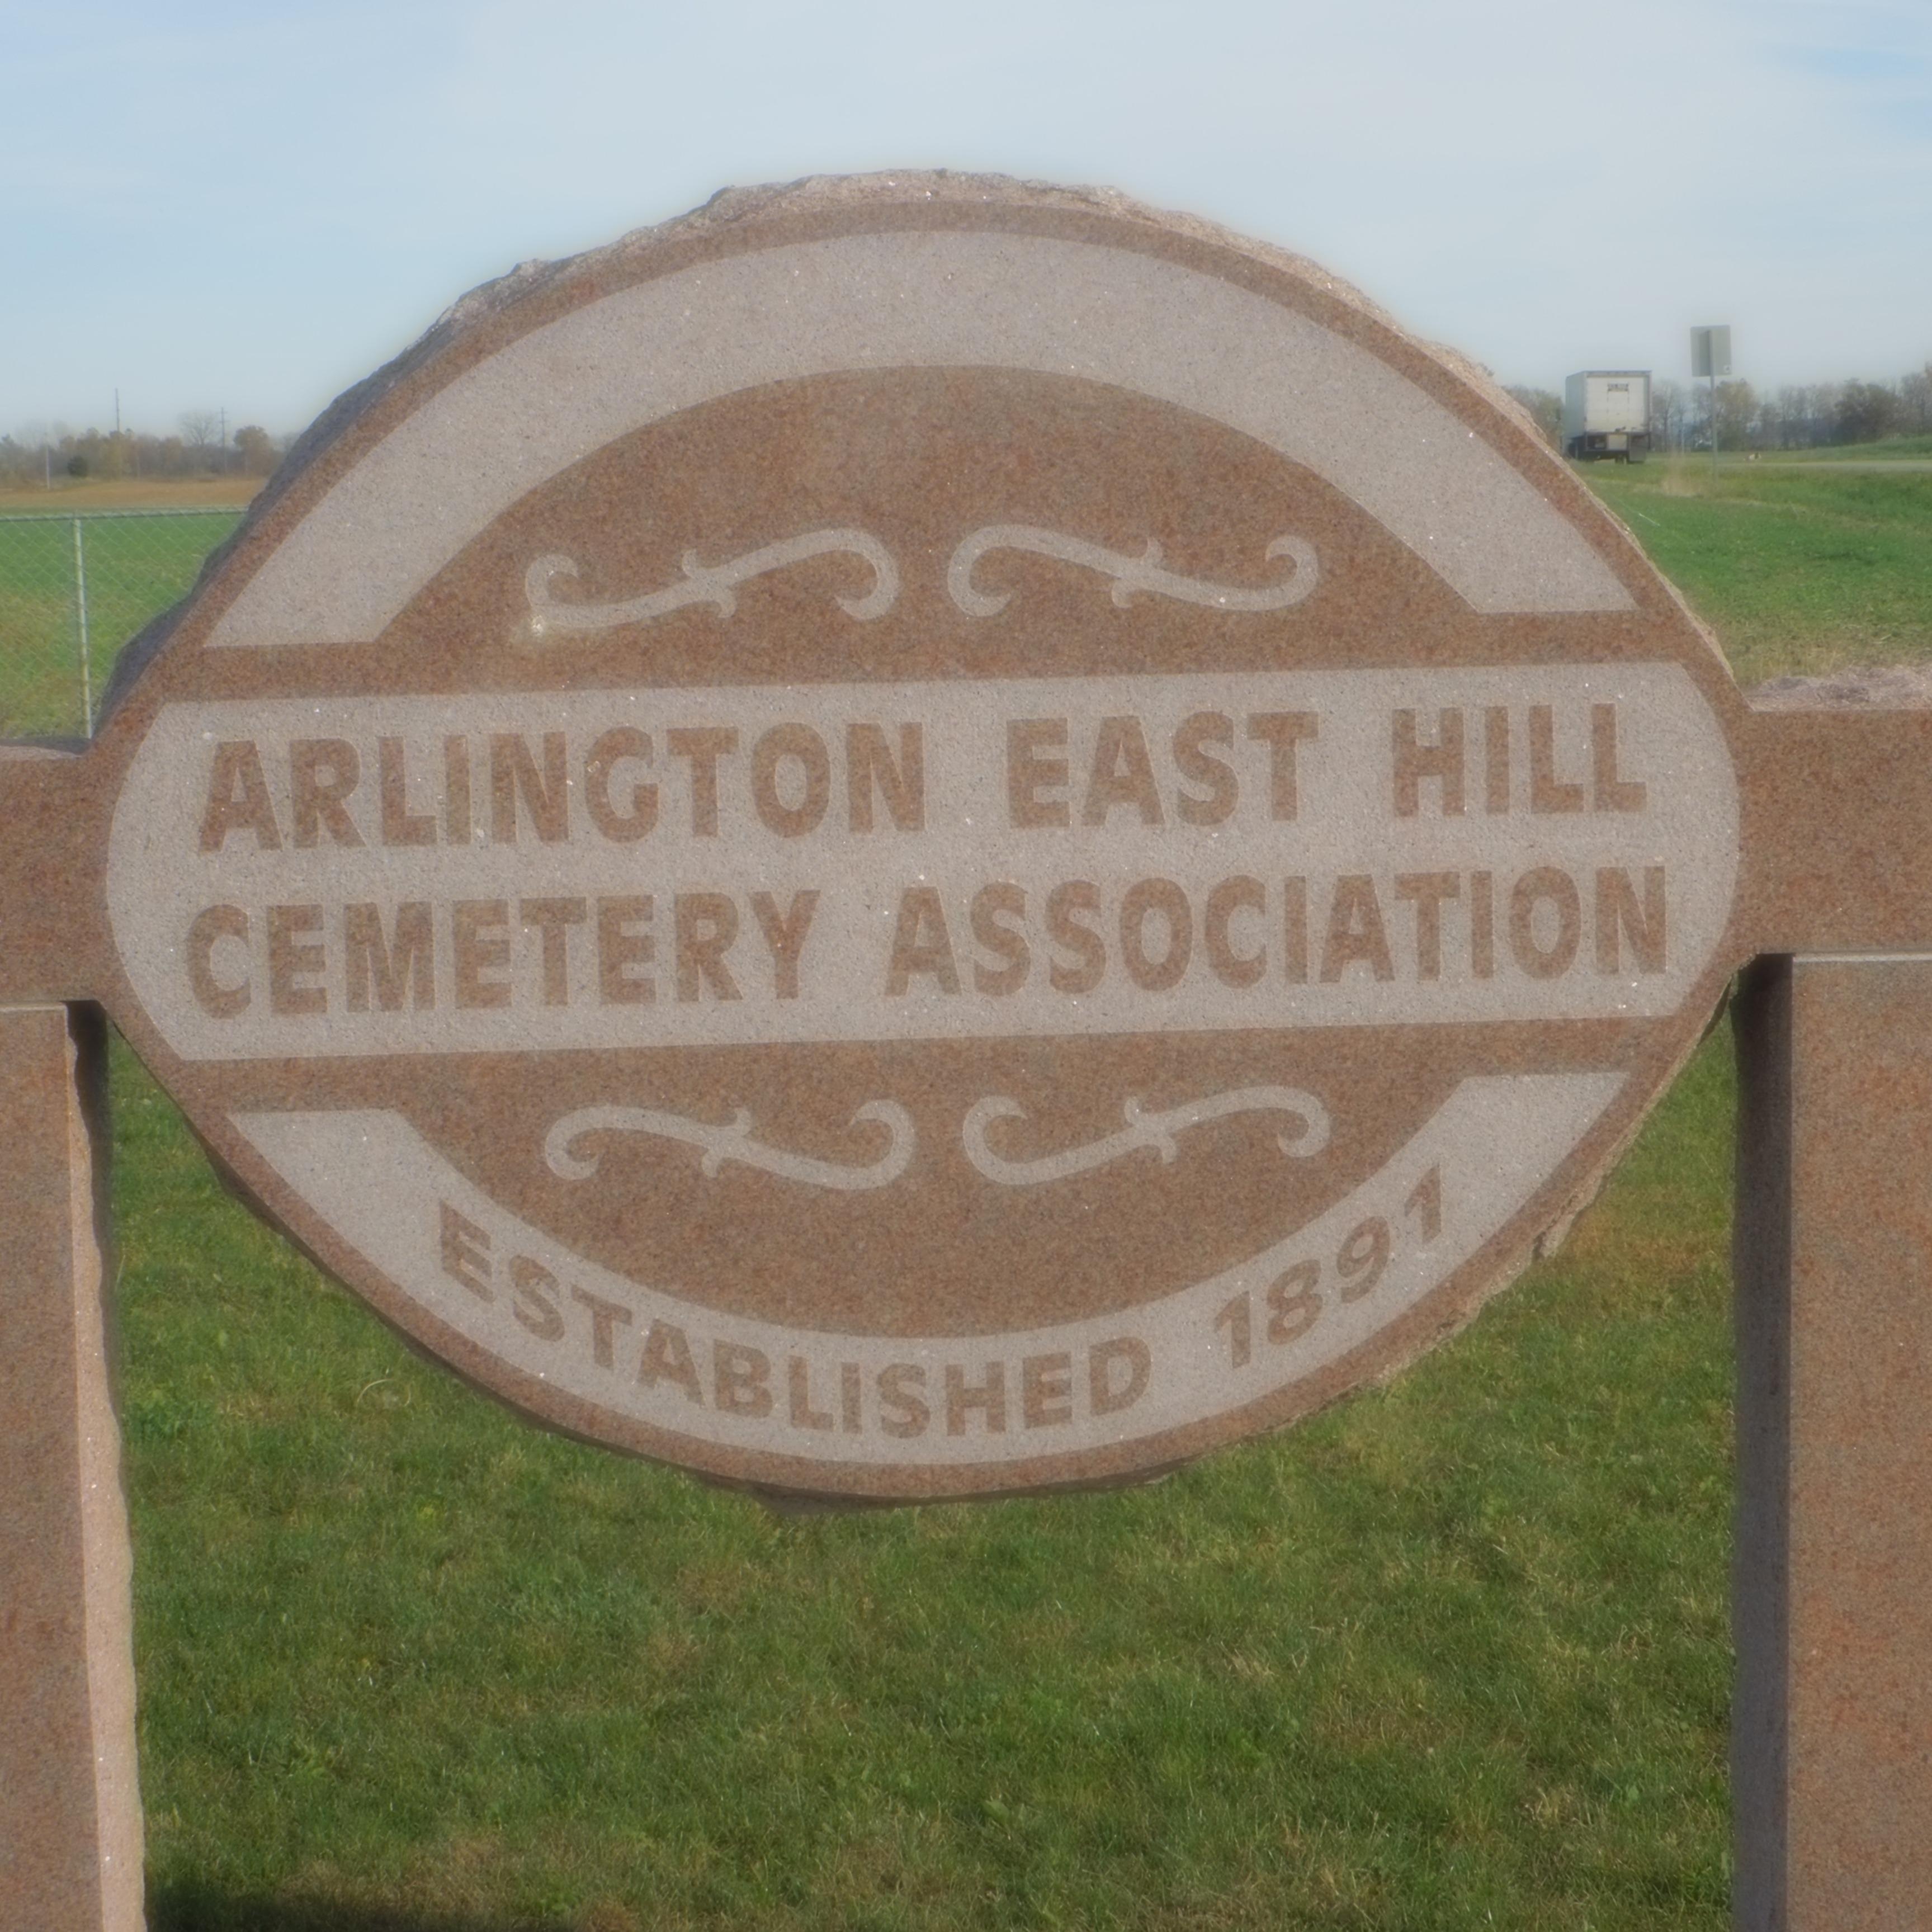 Arlington East Hill Cemetery